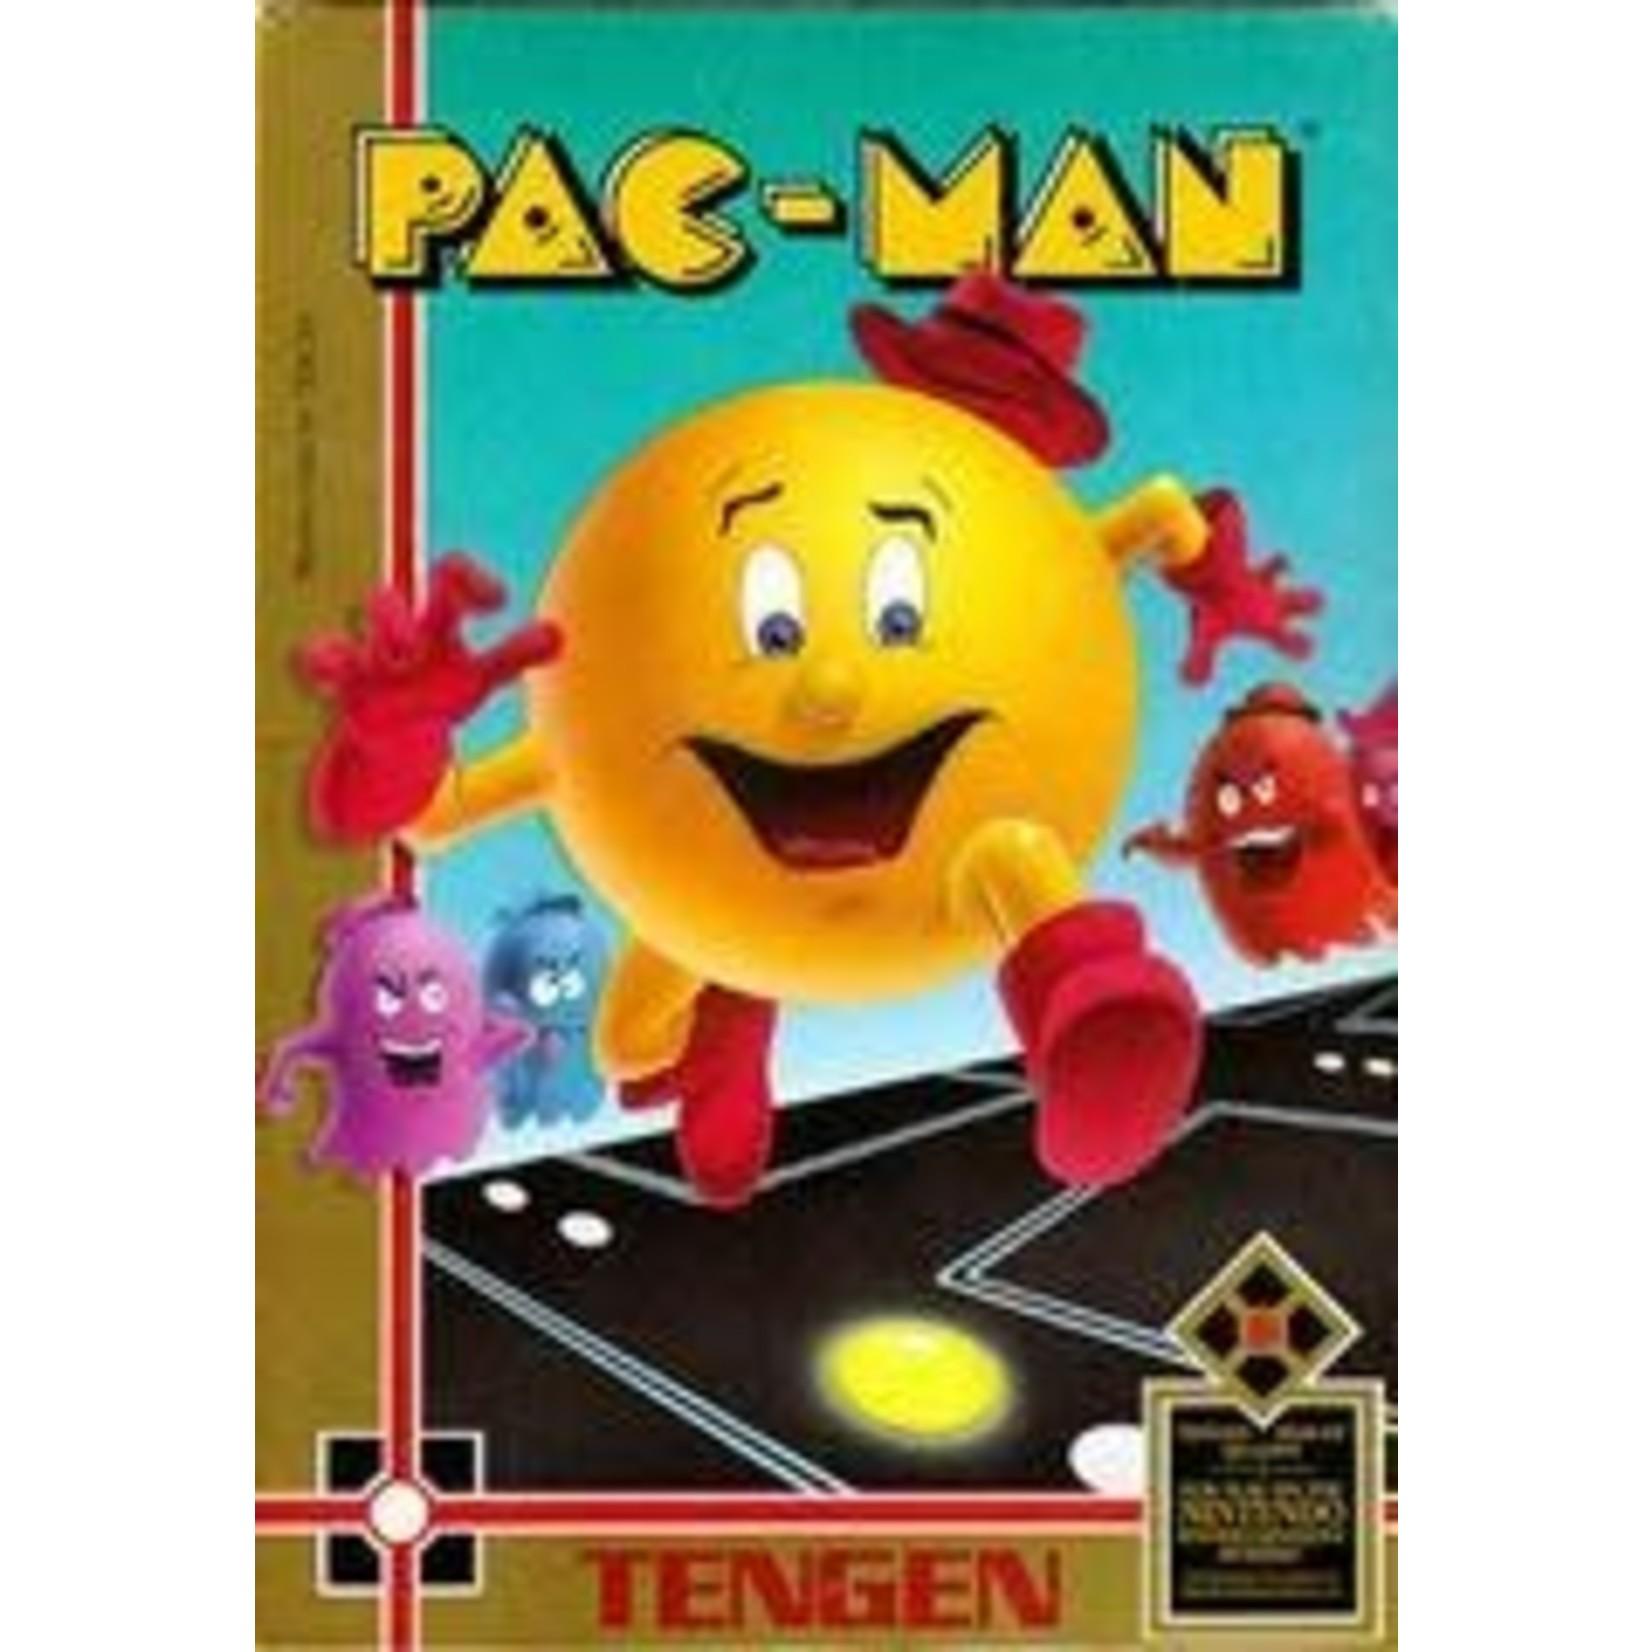 nesu-Pac-Man [Tengen] (inbox)